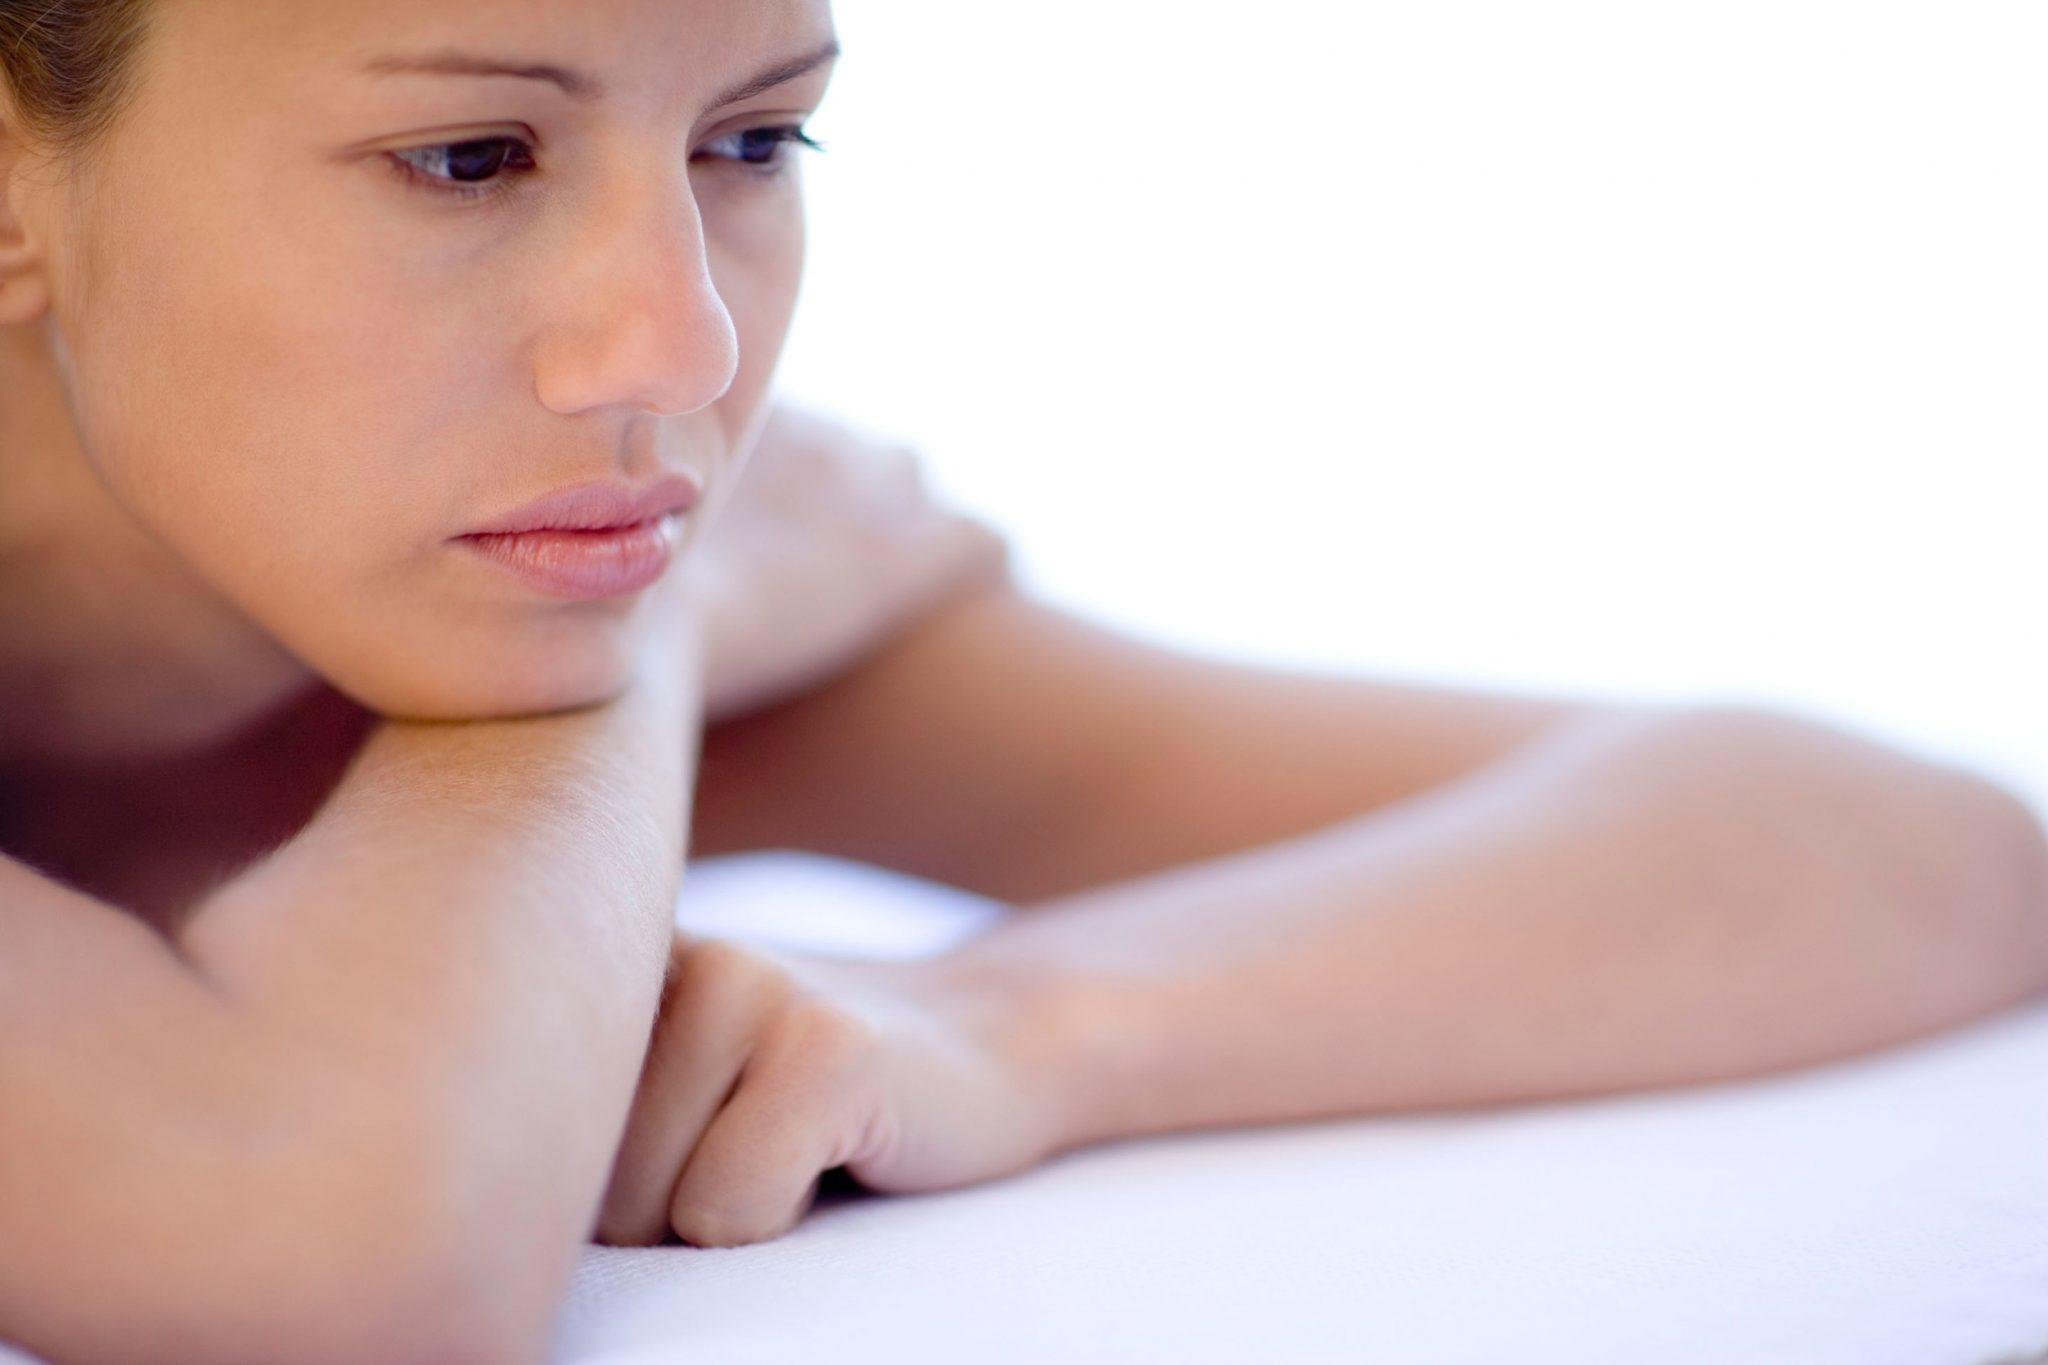 Chỉnh hình âm vật có gây nguy hiểm gì đối với nữ giới hay không